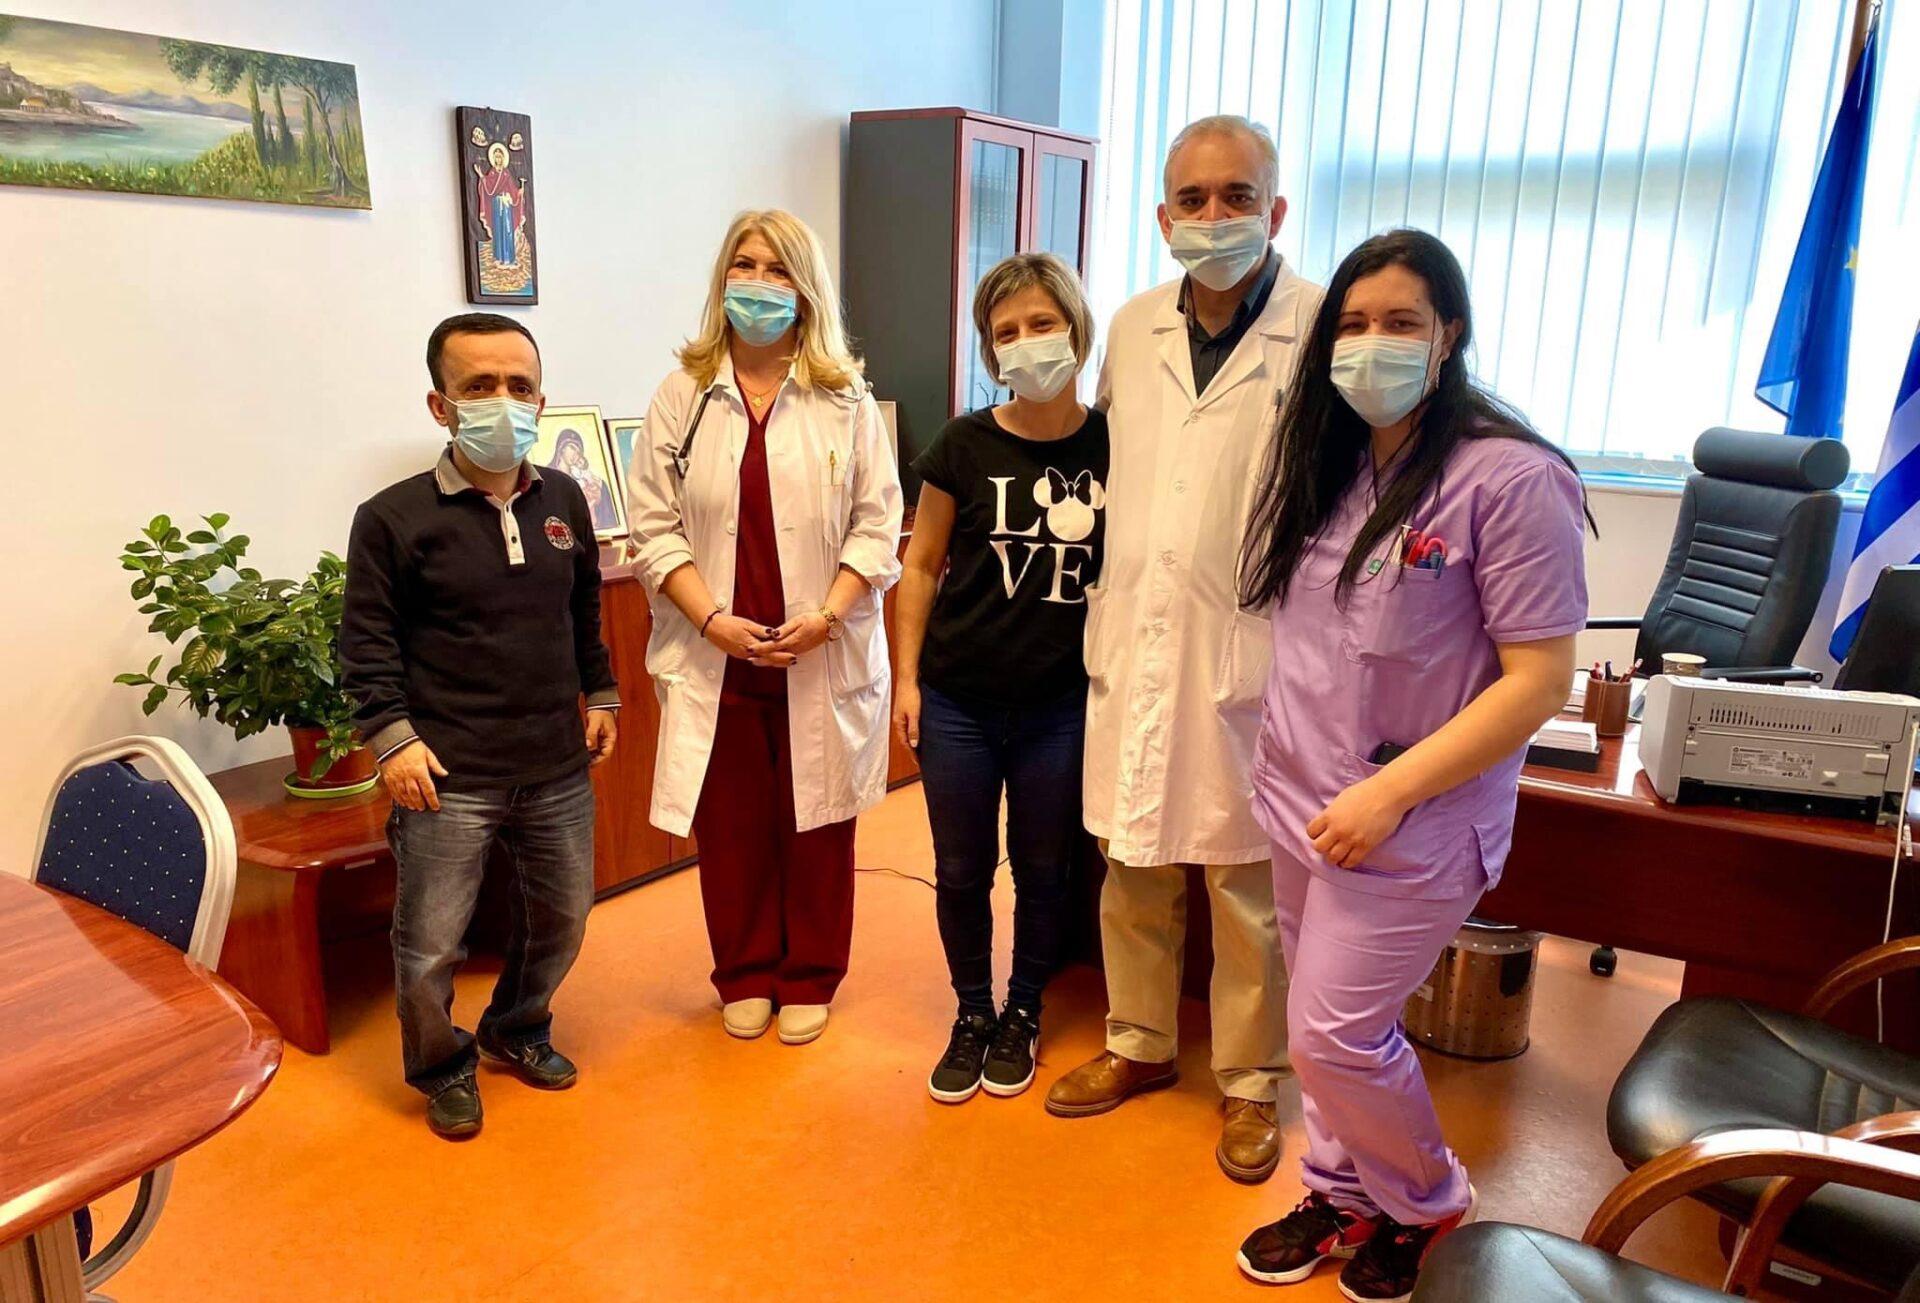 Κέρκυρα: Εξιτήριο για την νοσηλεύτρια που είχε παρουσιάσει πρόβλημα στα πόδια μετά το εμβόλιο